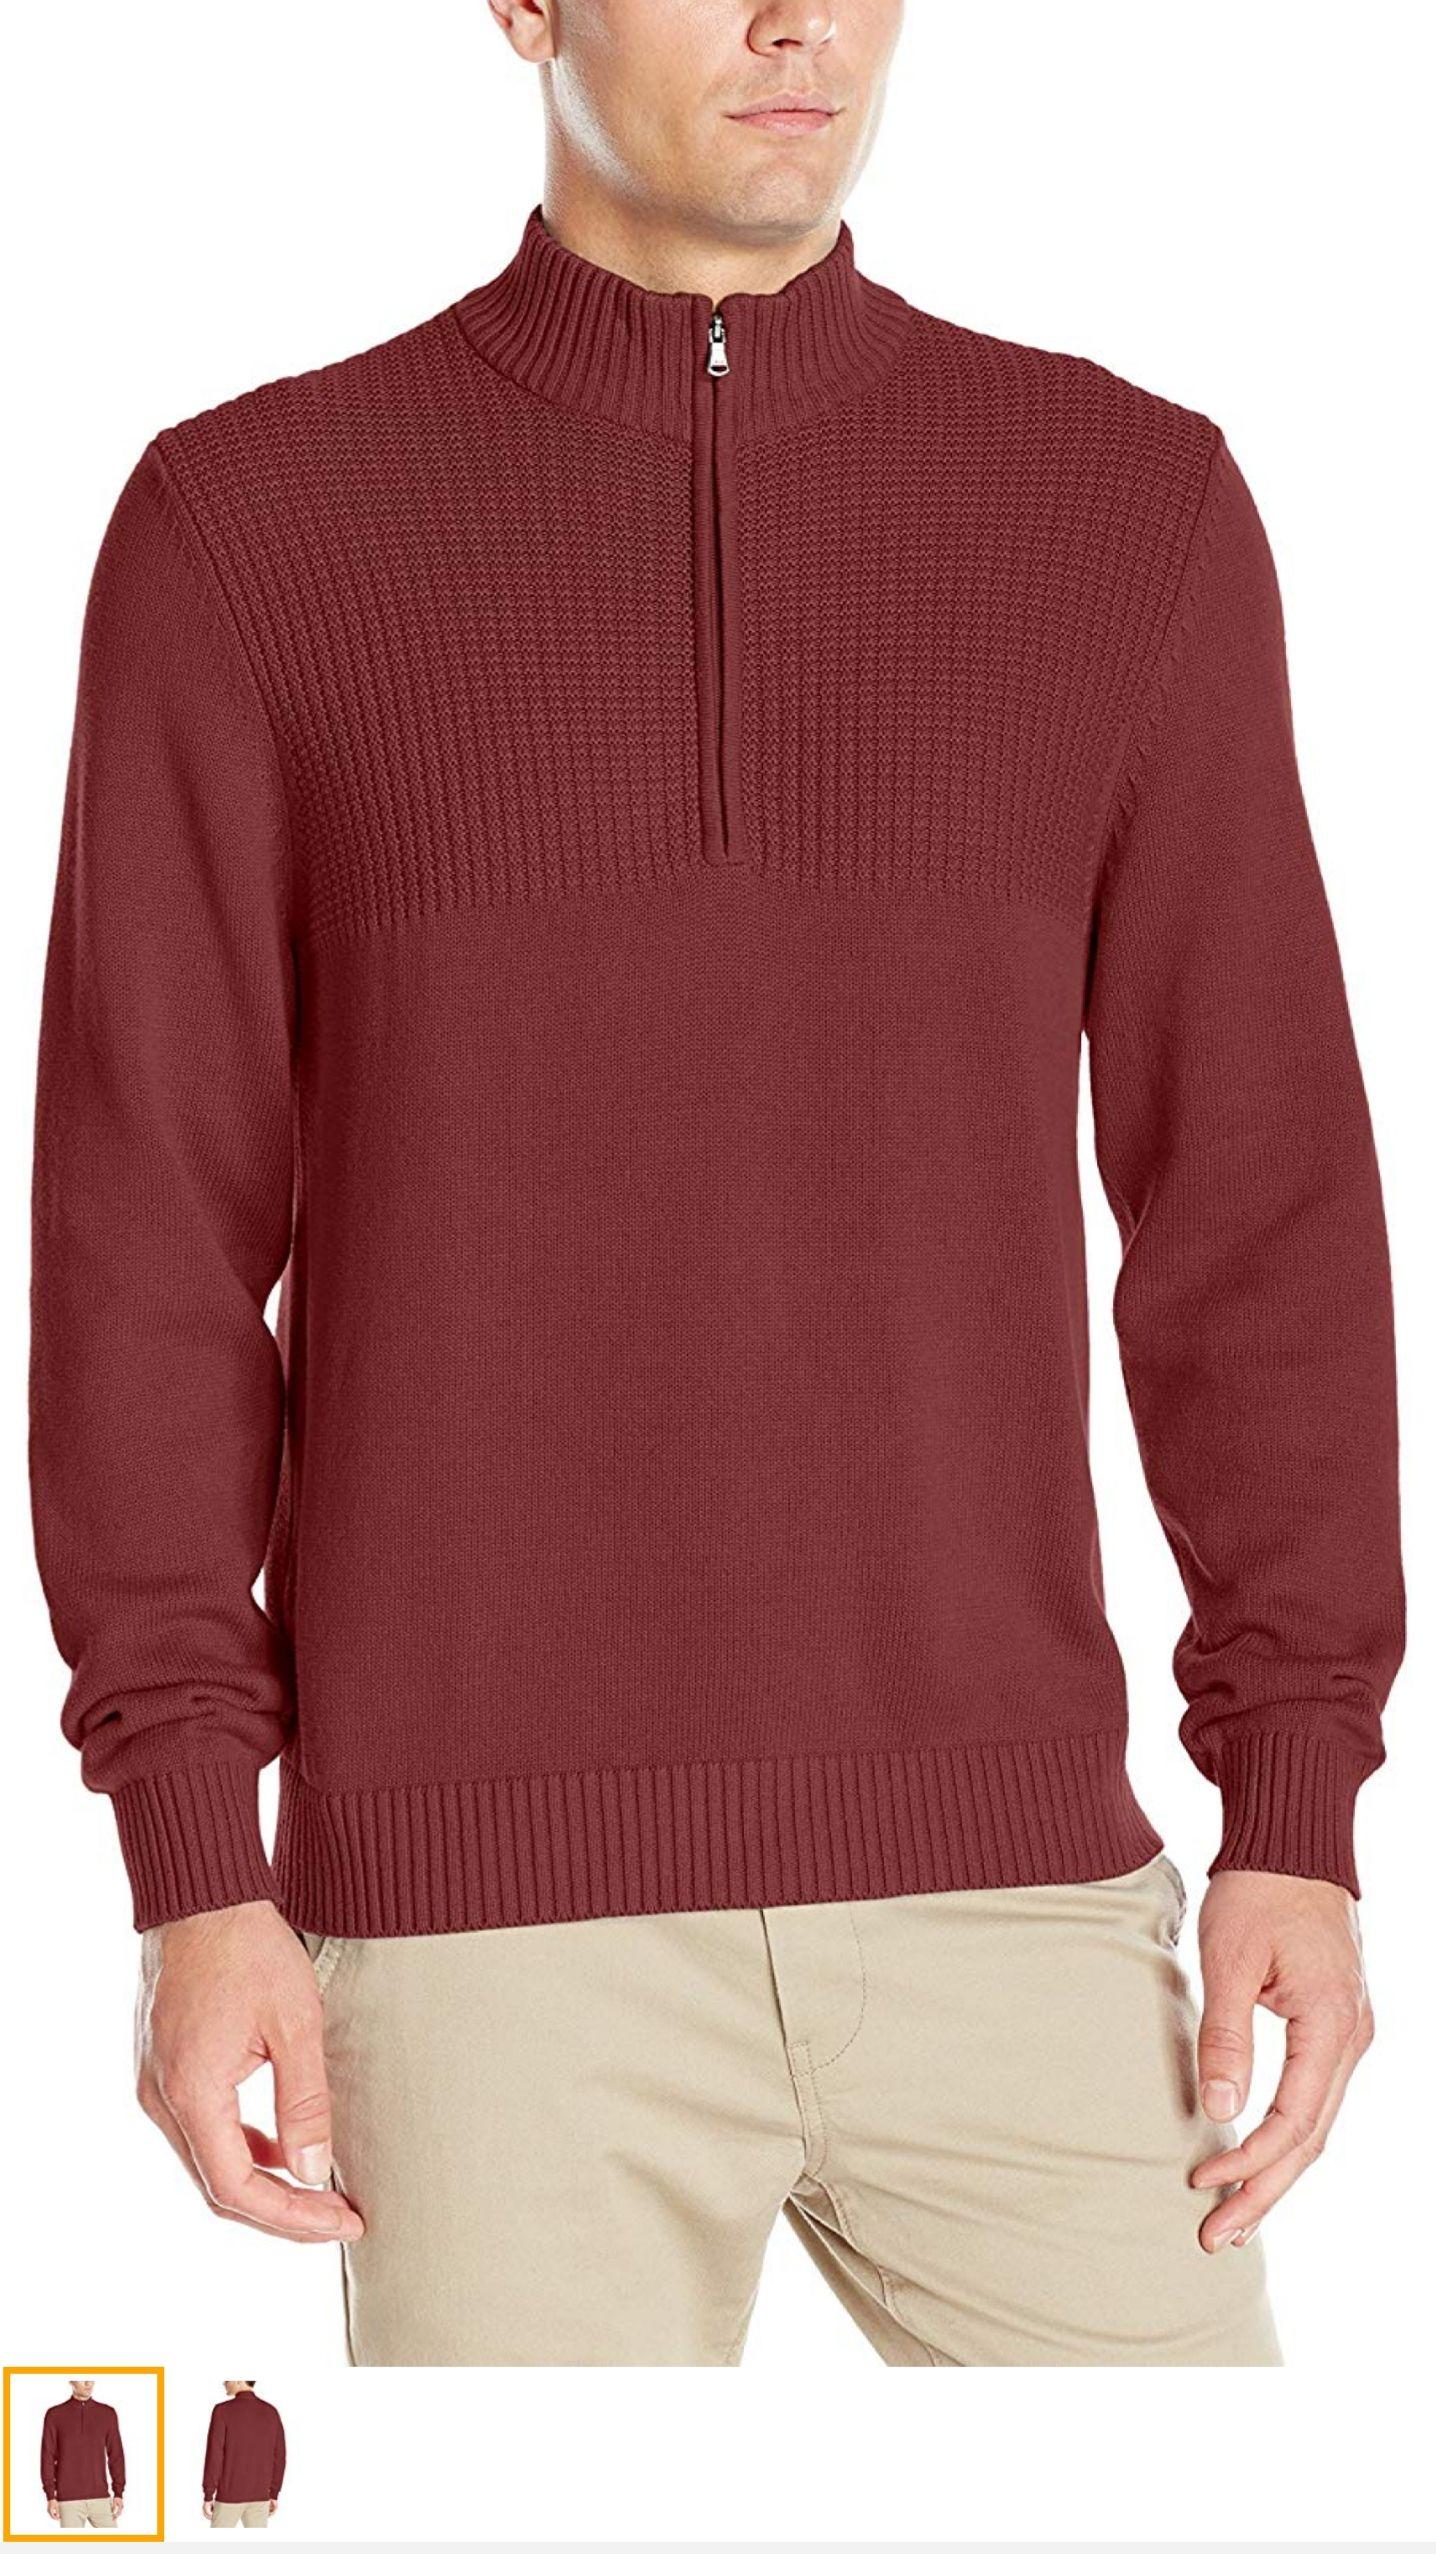 Amazon: Suéter cuello de tortuga colo rojo marca Izod talla 2X